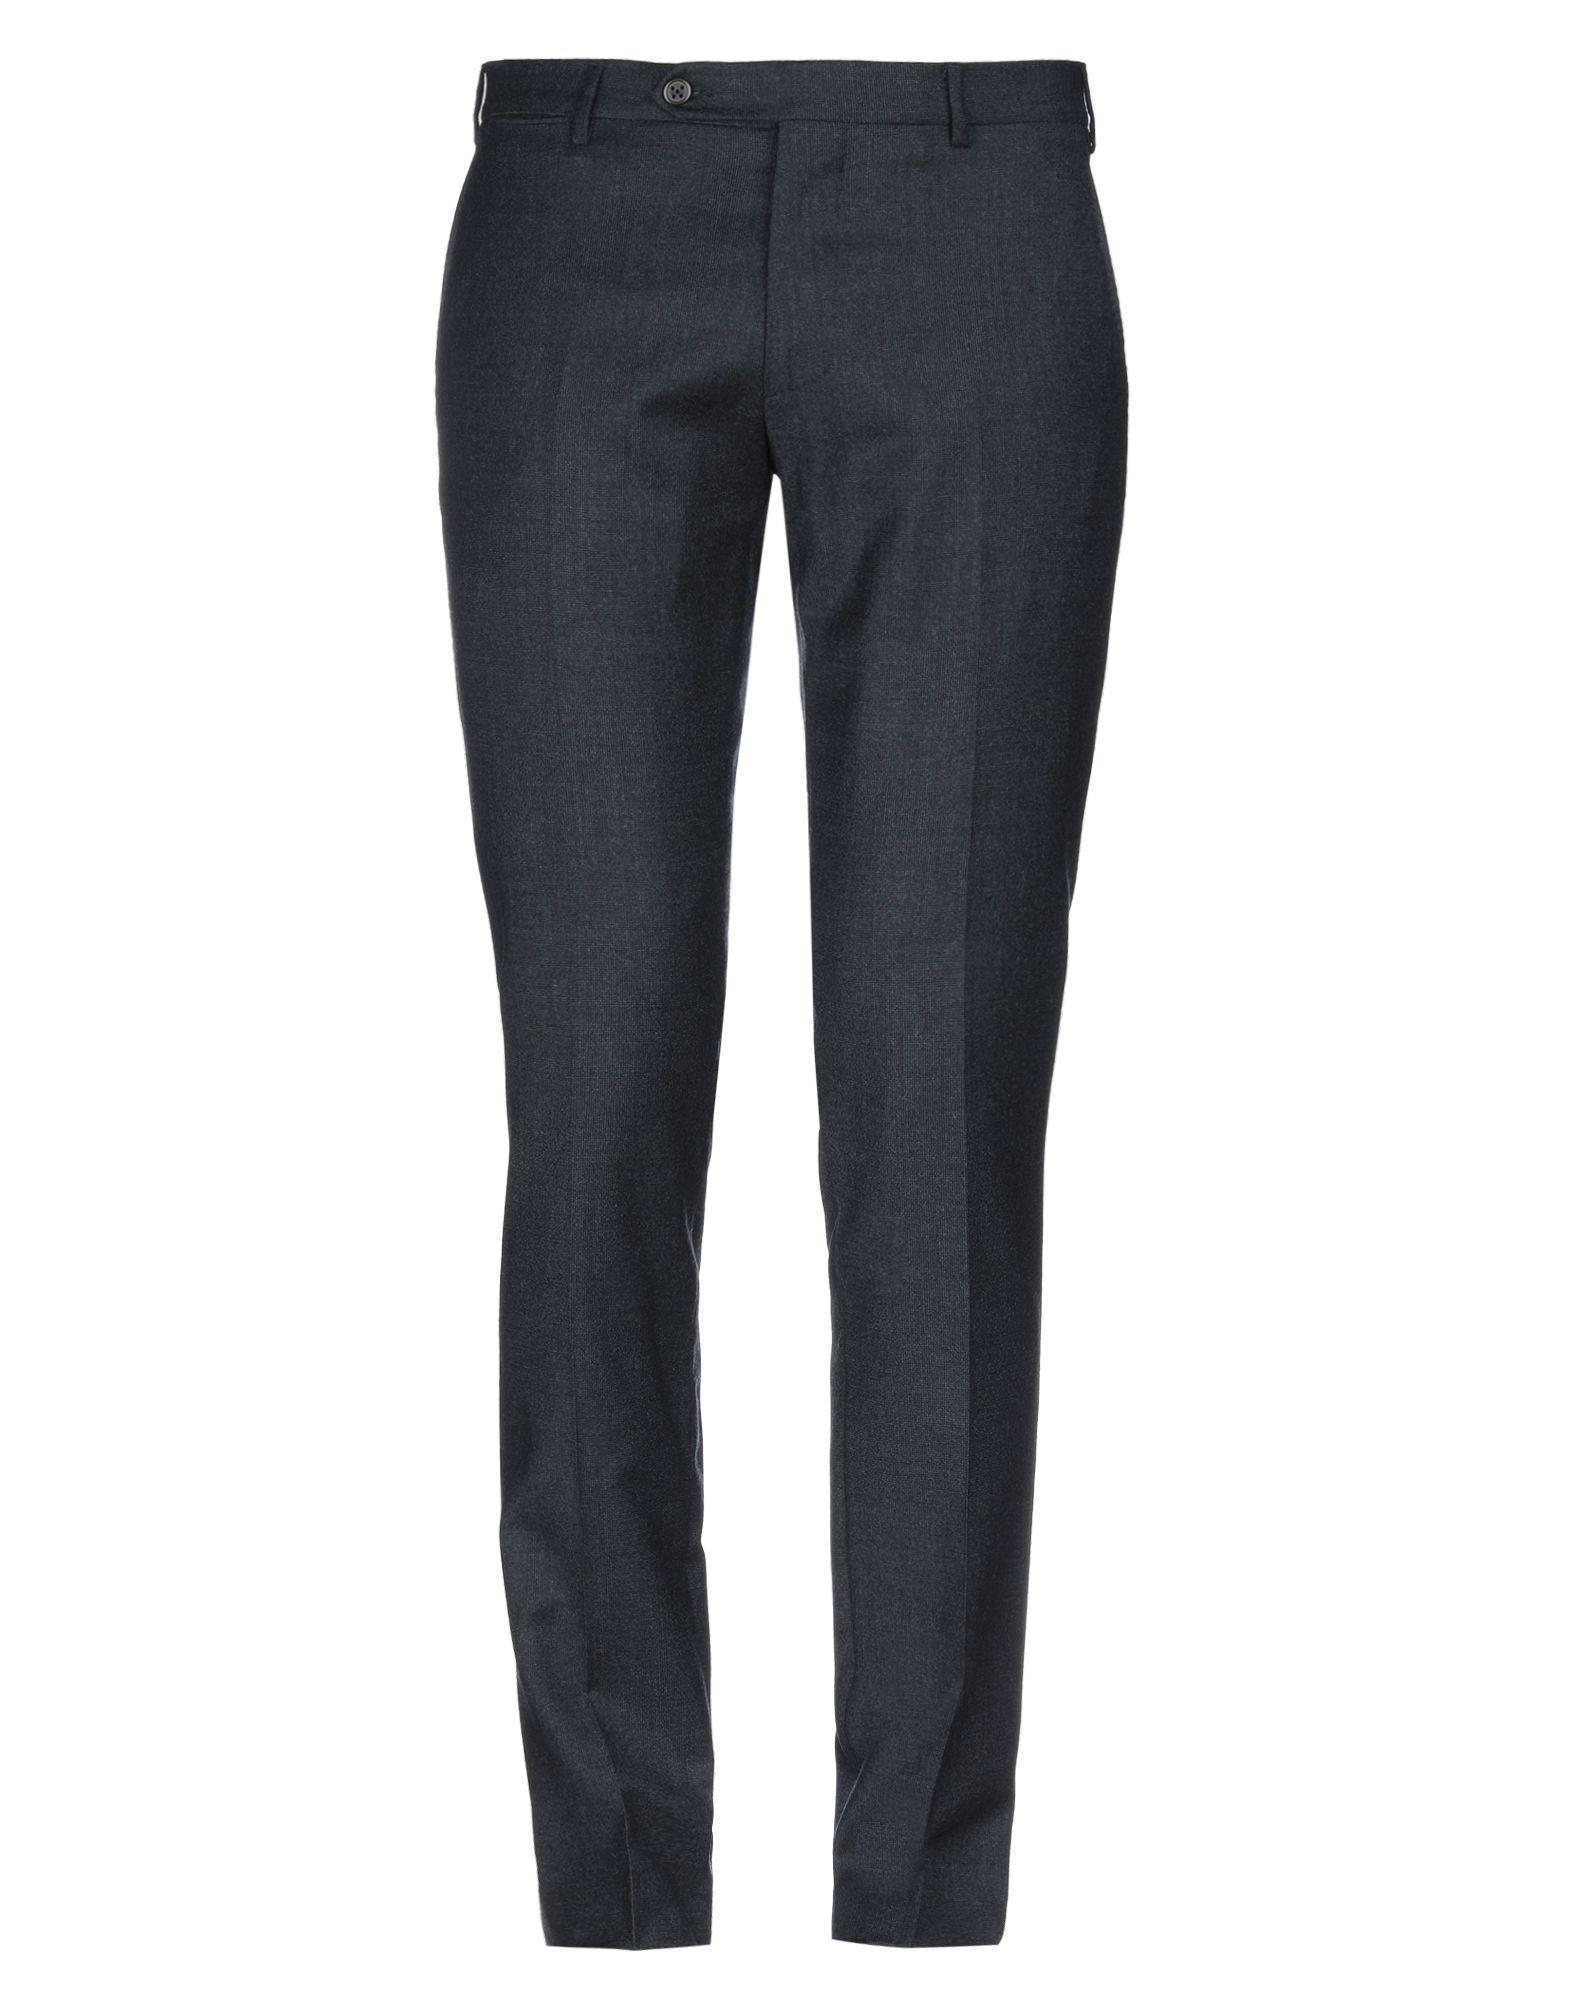 《セール開催中》BERWICH メンズ パンツ ダークブルー 48 バージンウール 99% / ポリウレタン 1%